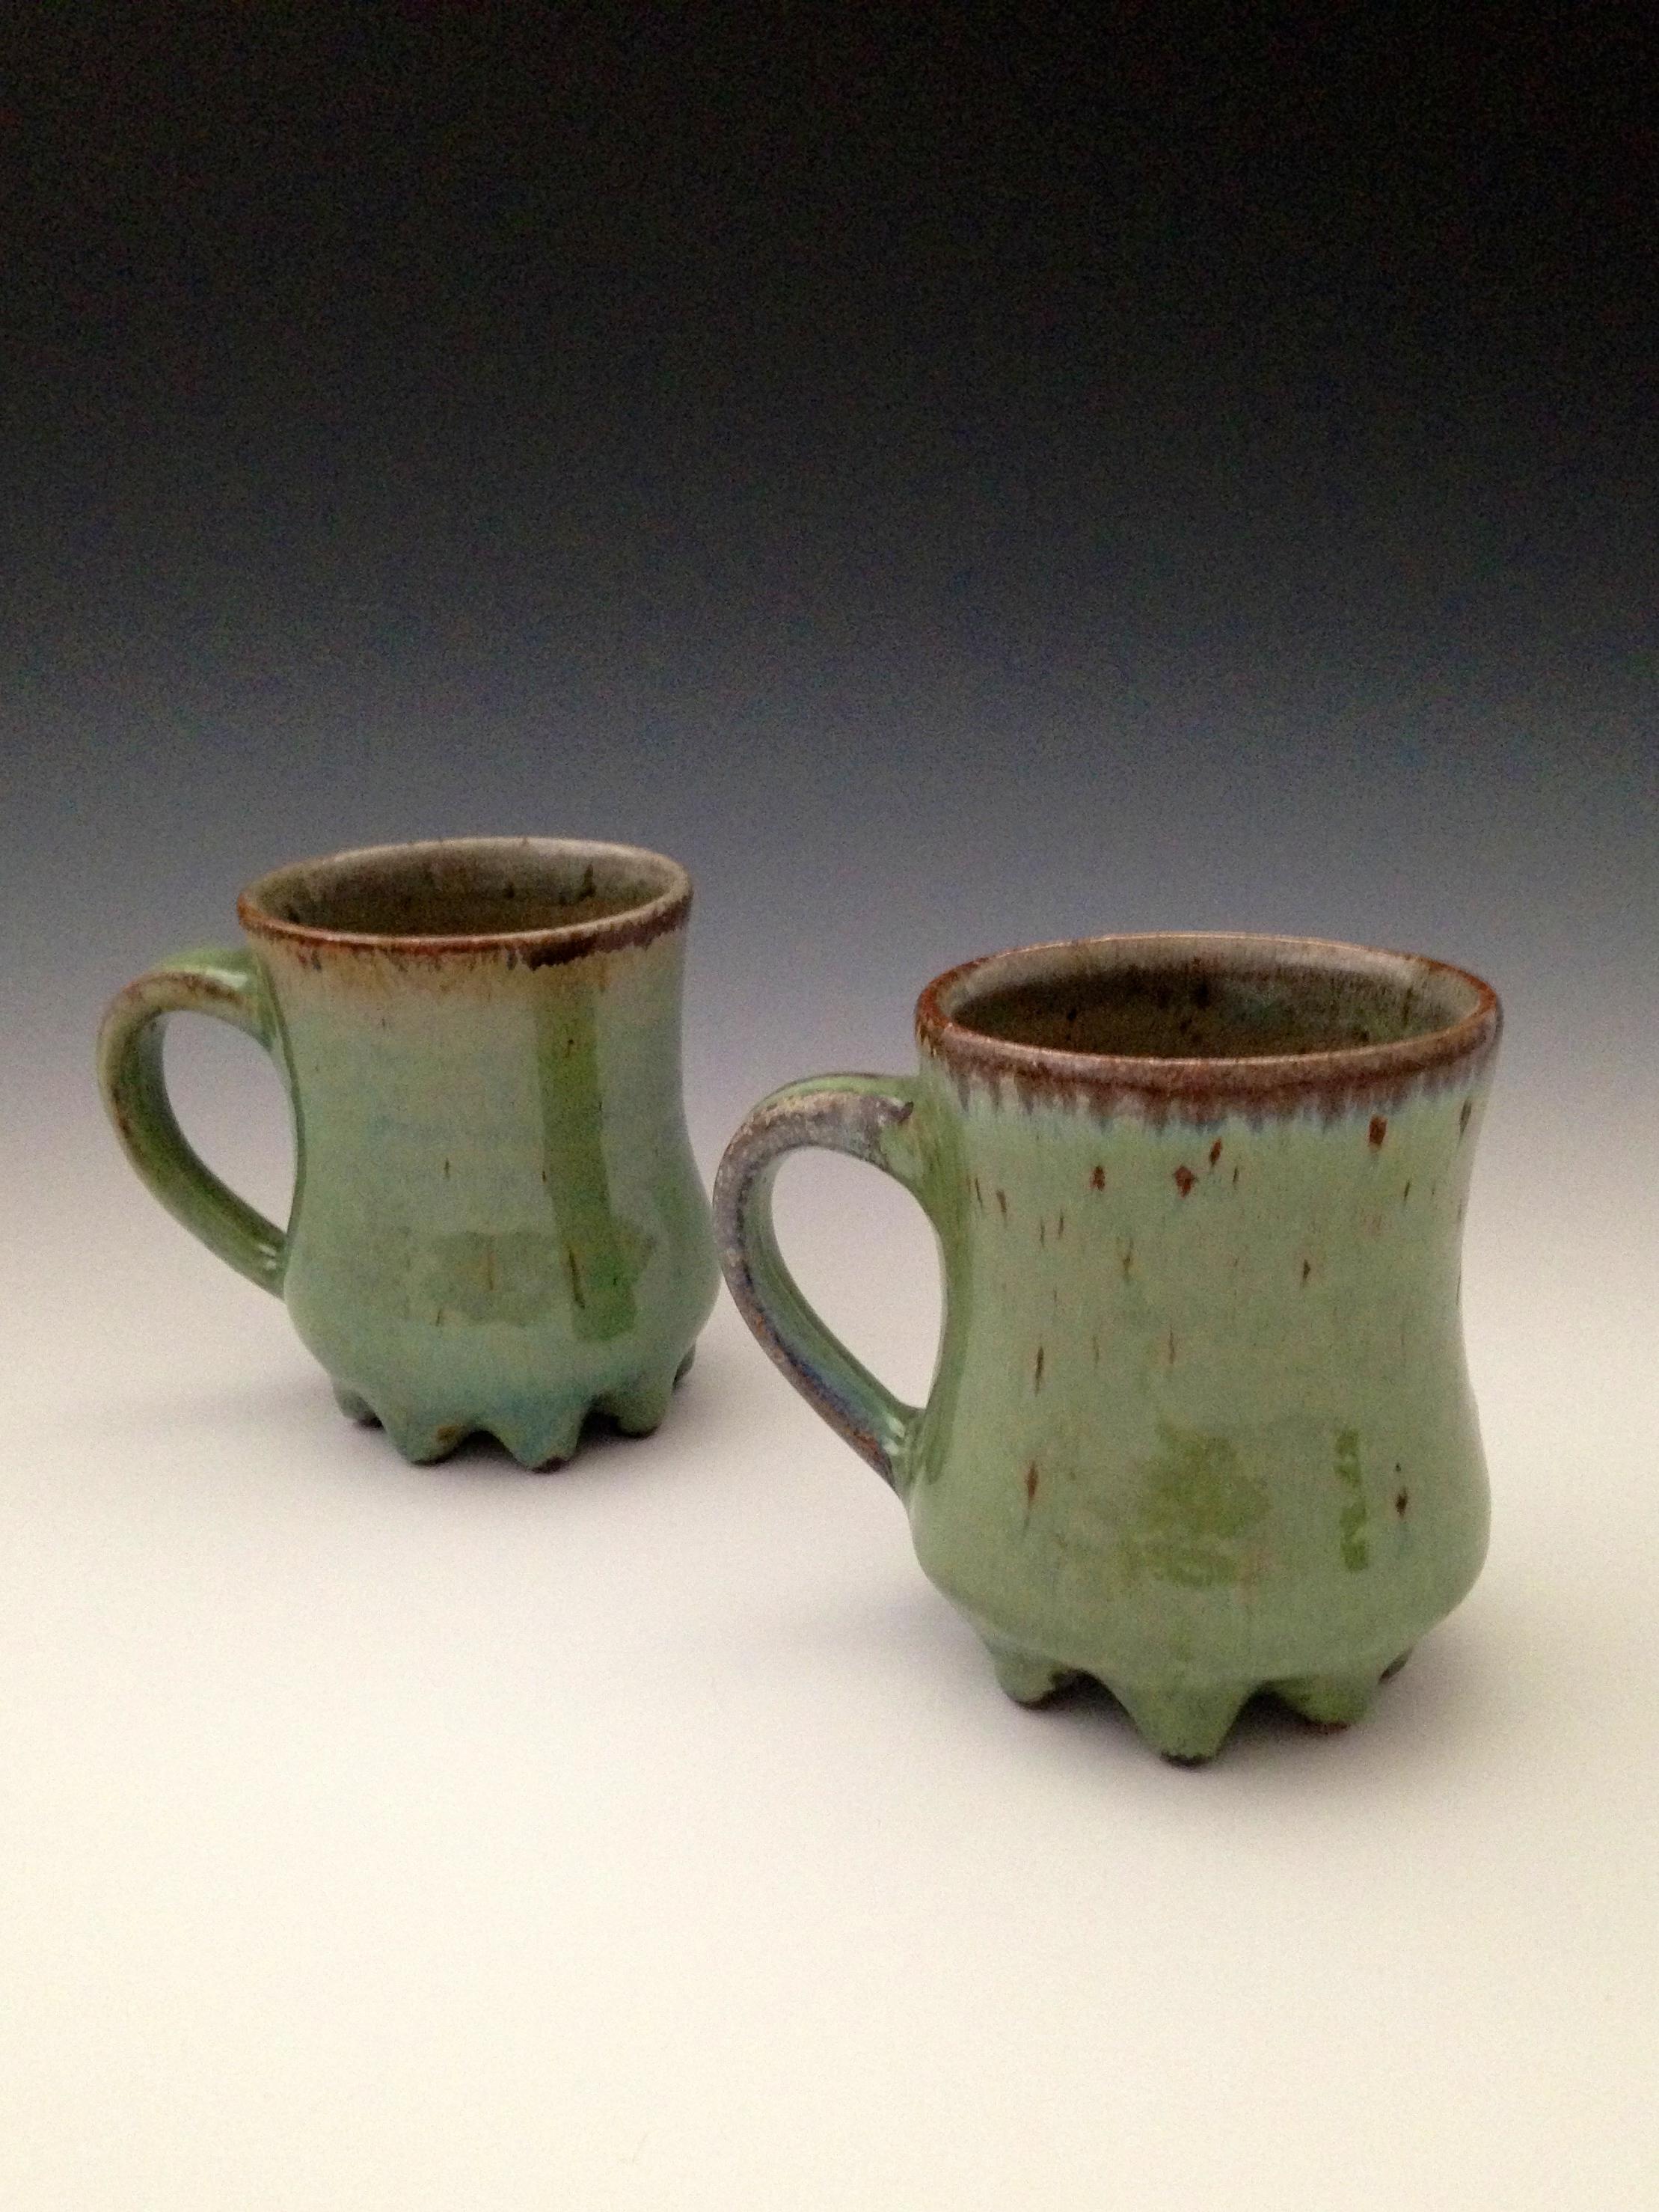 Megan Landis, mugs